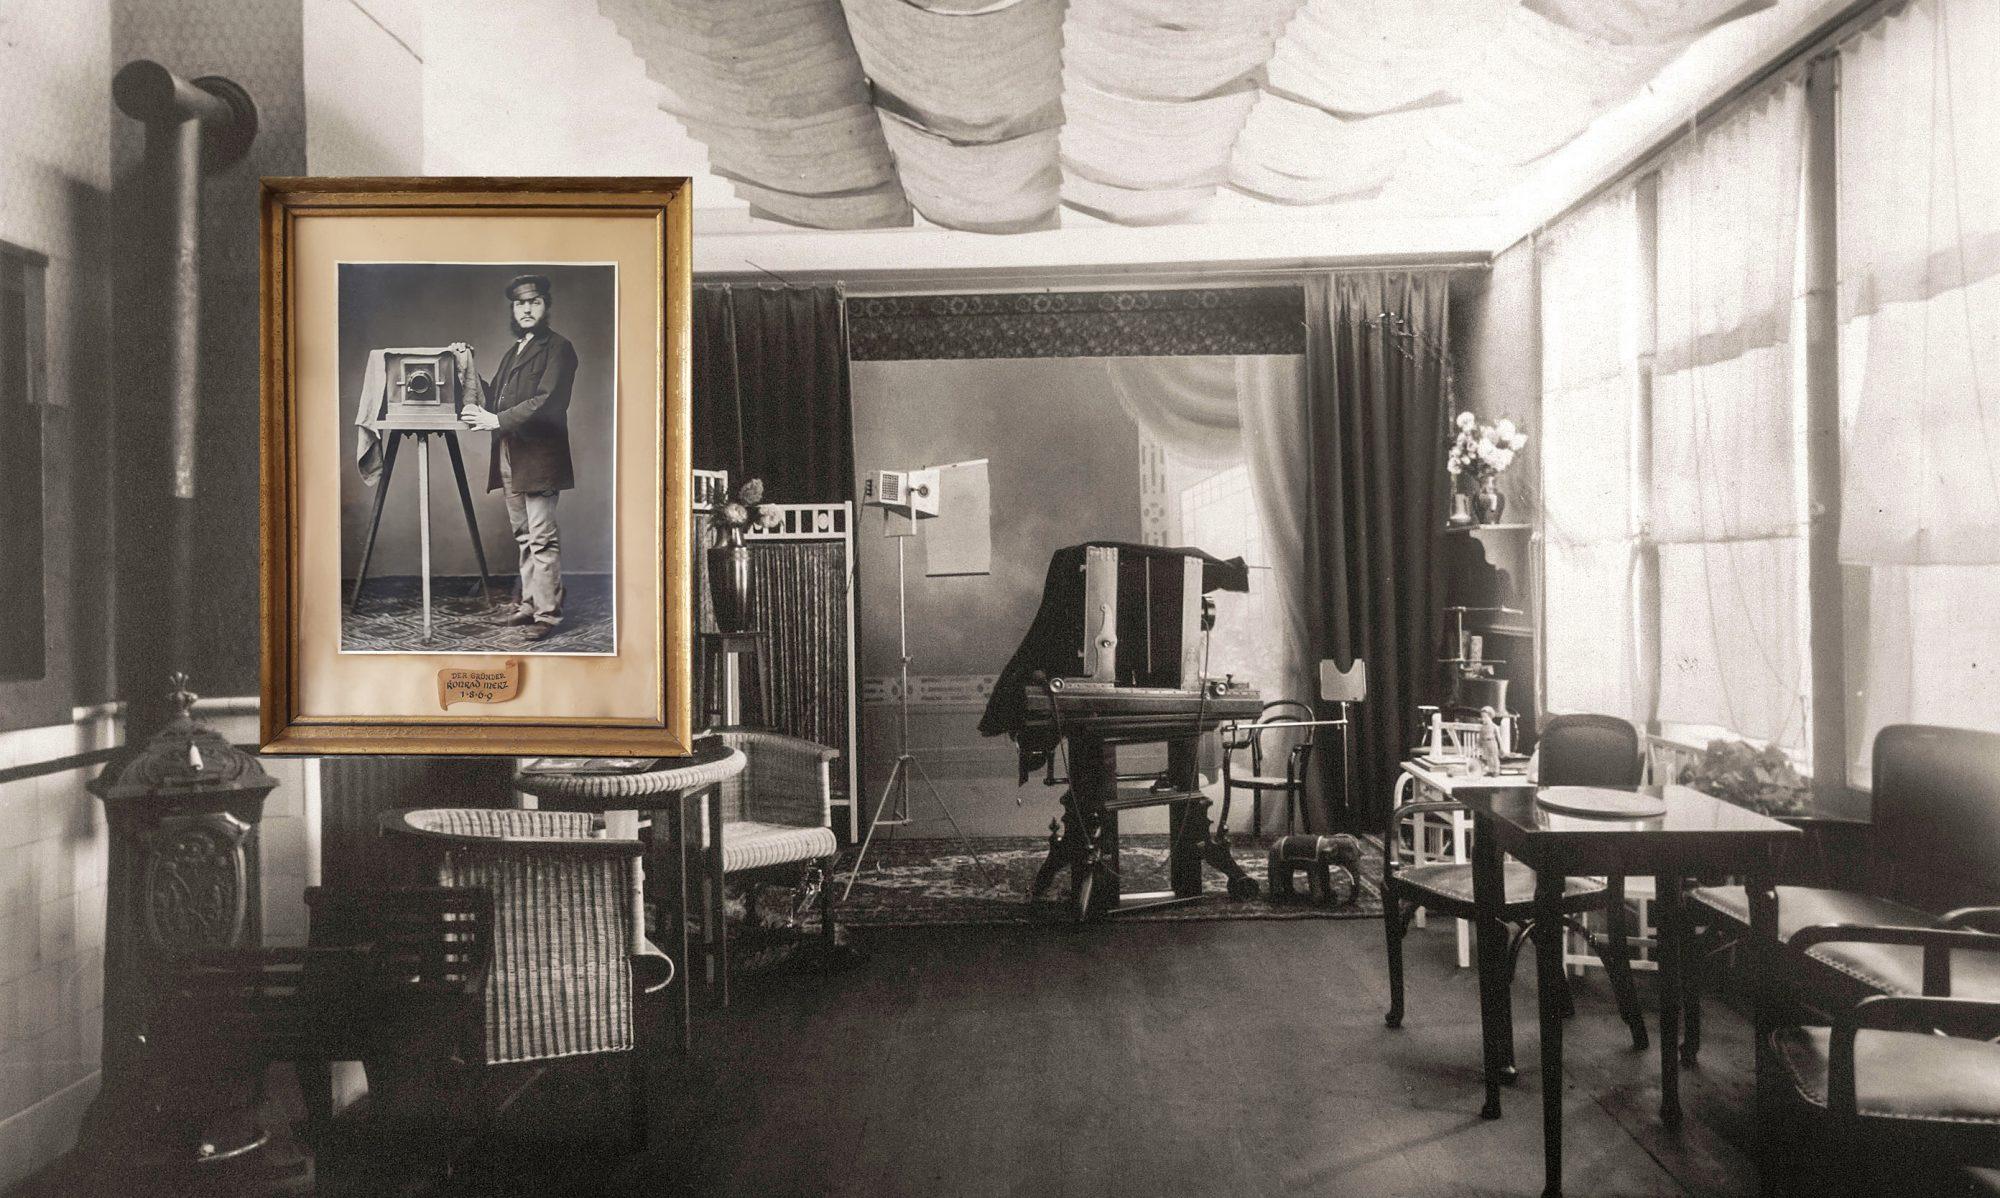 Merz Fotografie seit 1869